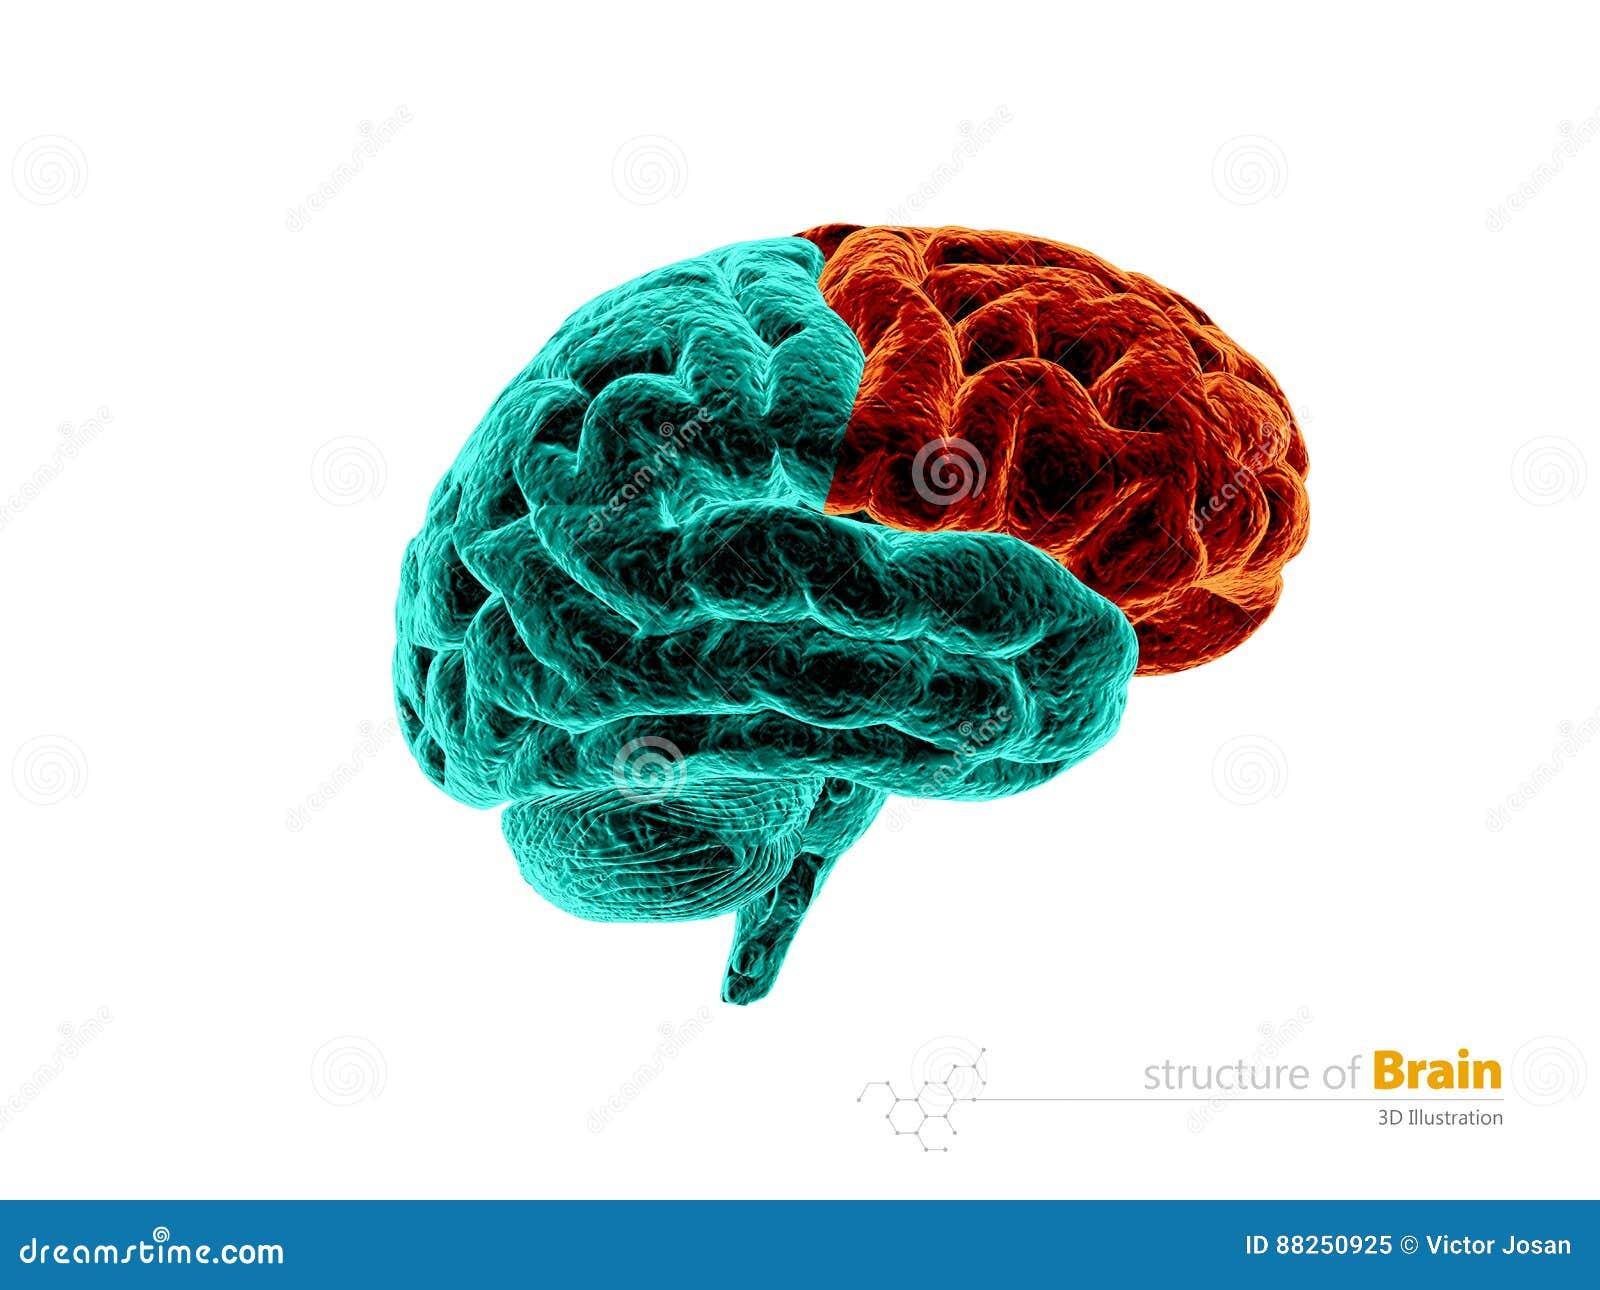 Cerebro Humano, Estructura De La Anatomía Del Lóbulo Frontal Ejemplo ...